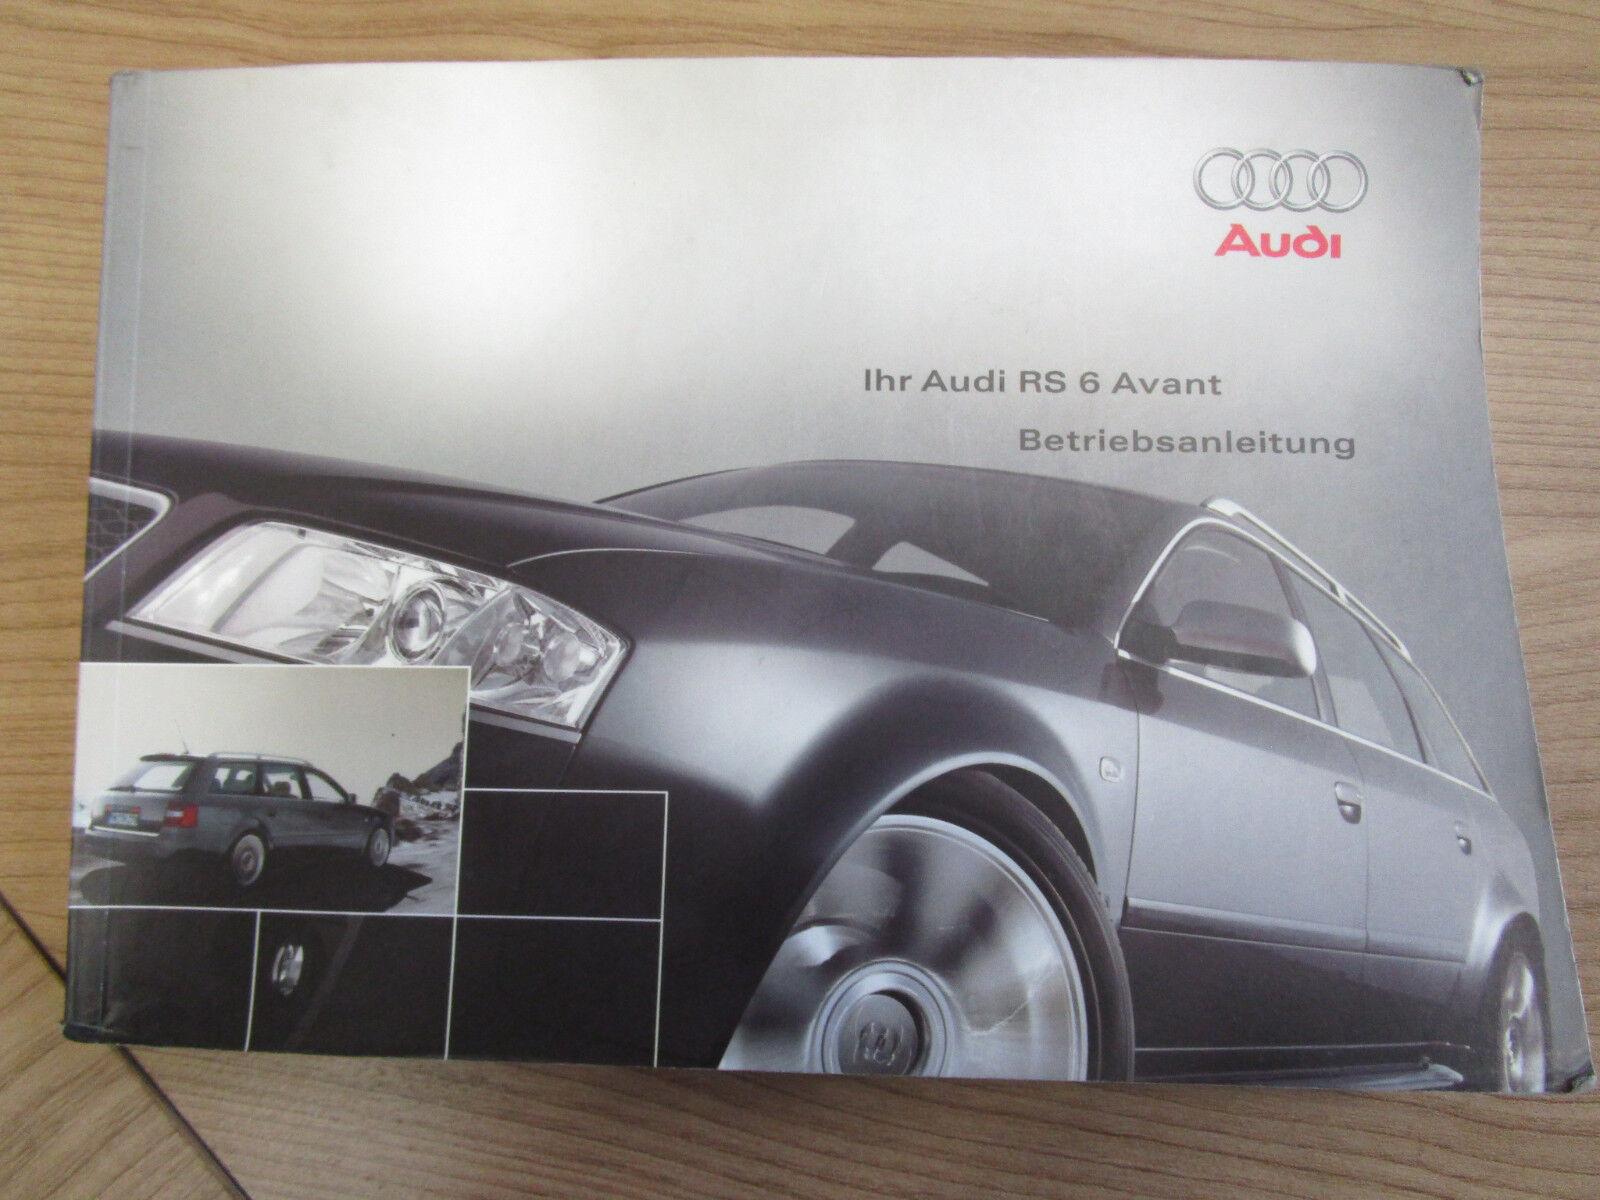 Betriebsanleitung Bedienungsanleitung AUDI RS6 4B 4.2 V8 quattro 2315614R500